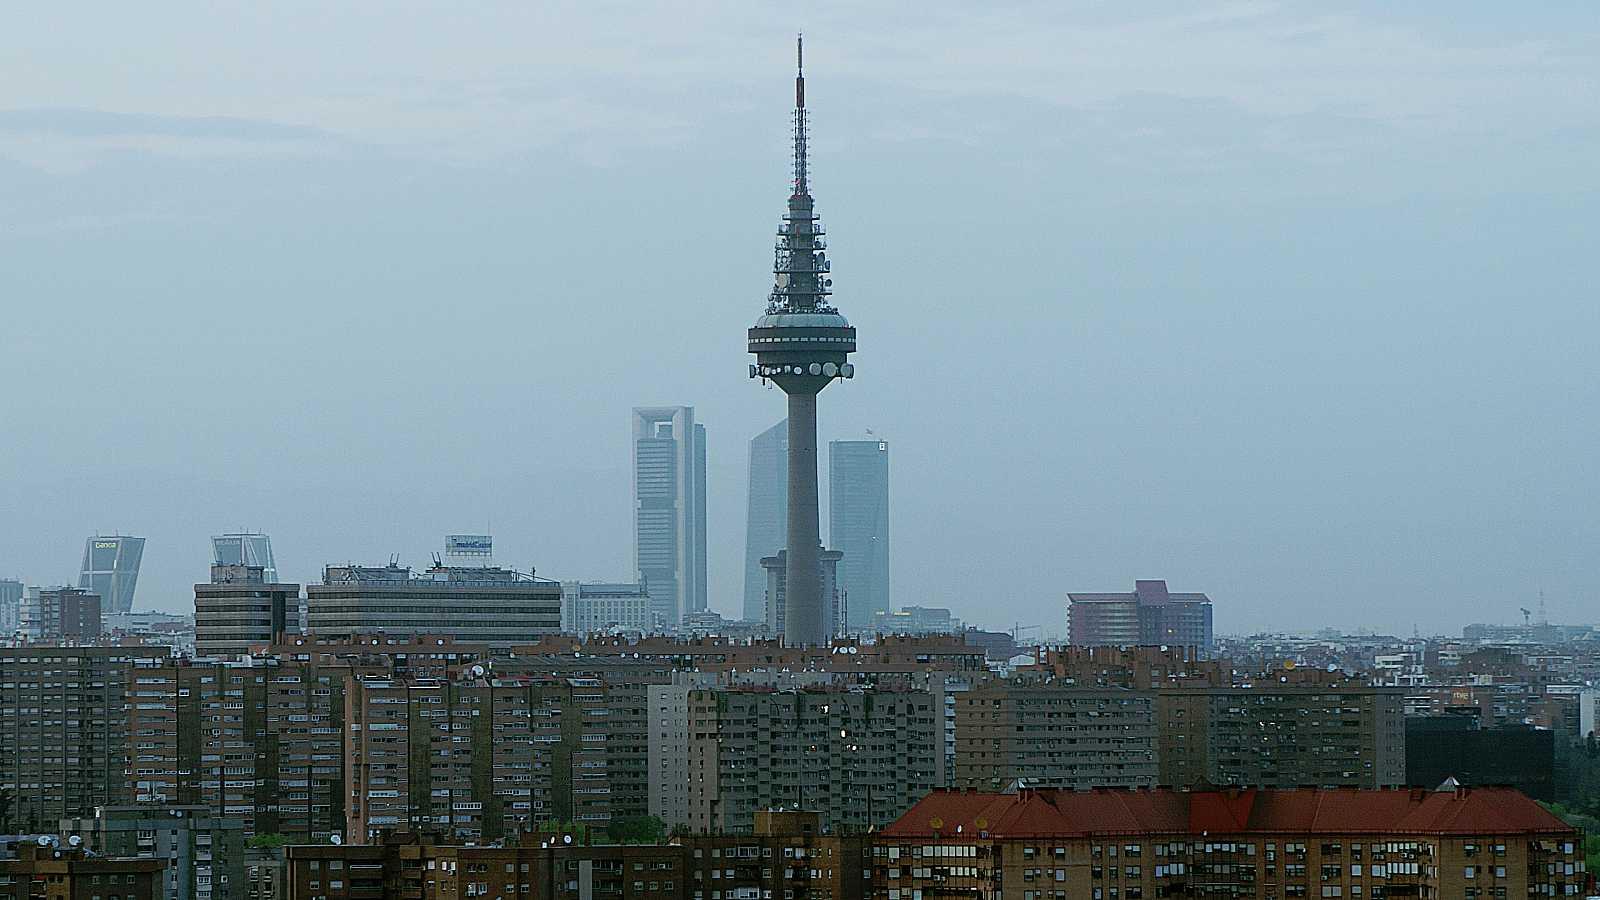 Las regiones más afectadas por el ozono troposférico este año son Cataluña y la Comunidad de Madrid.